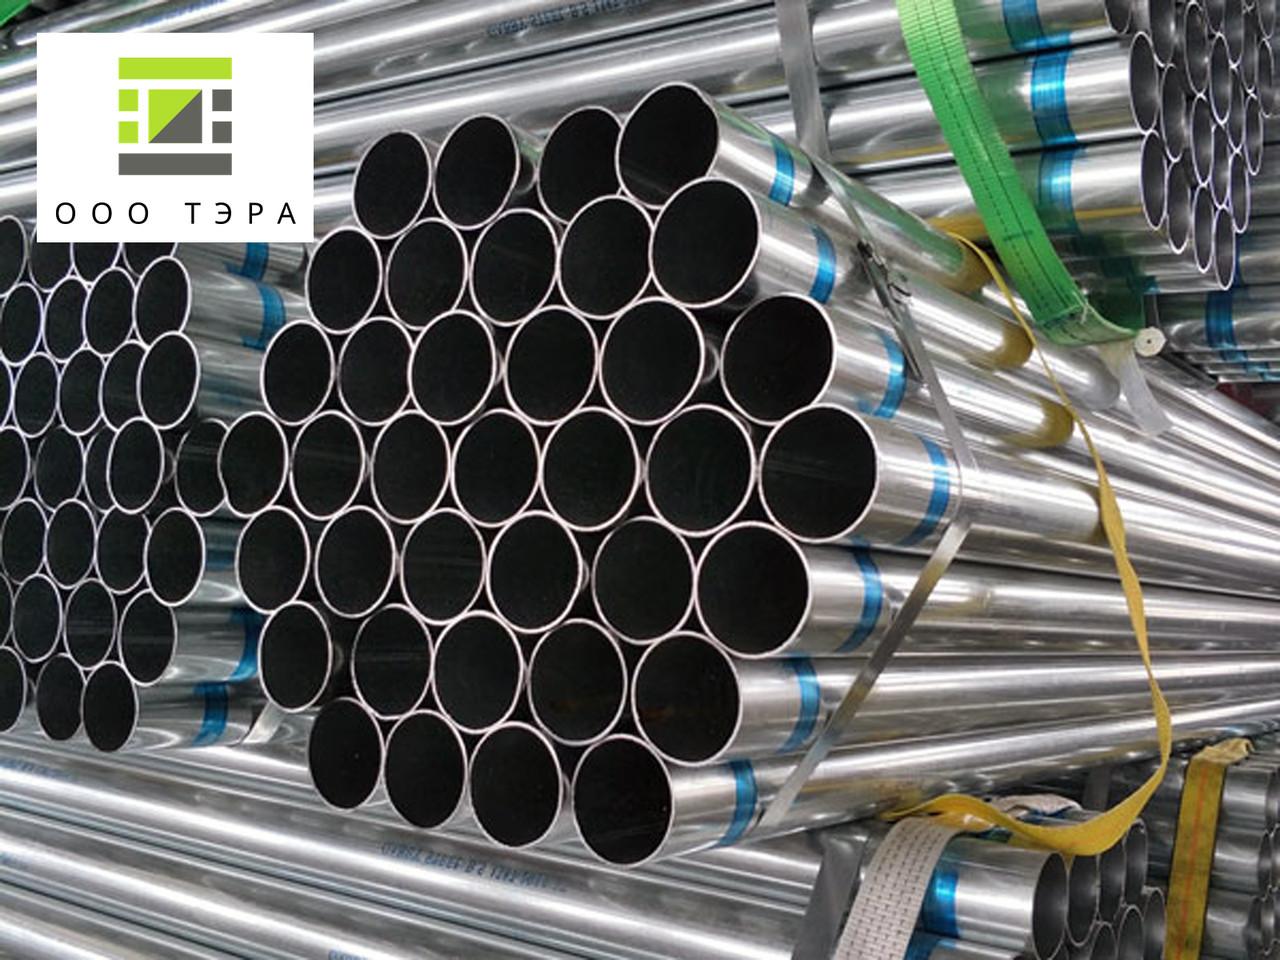 Труба нержавеющая 195 х 15 мм 12Х18Н10Т толстостенная жаропрочная сталь, аналог aisi 321H